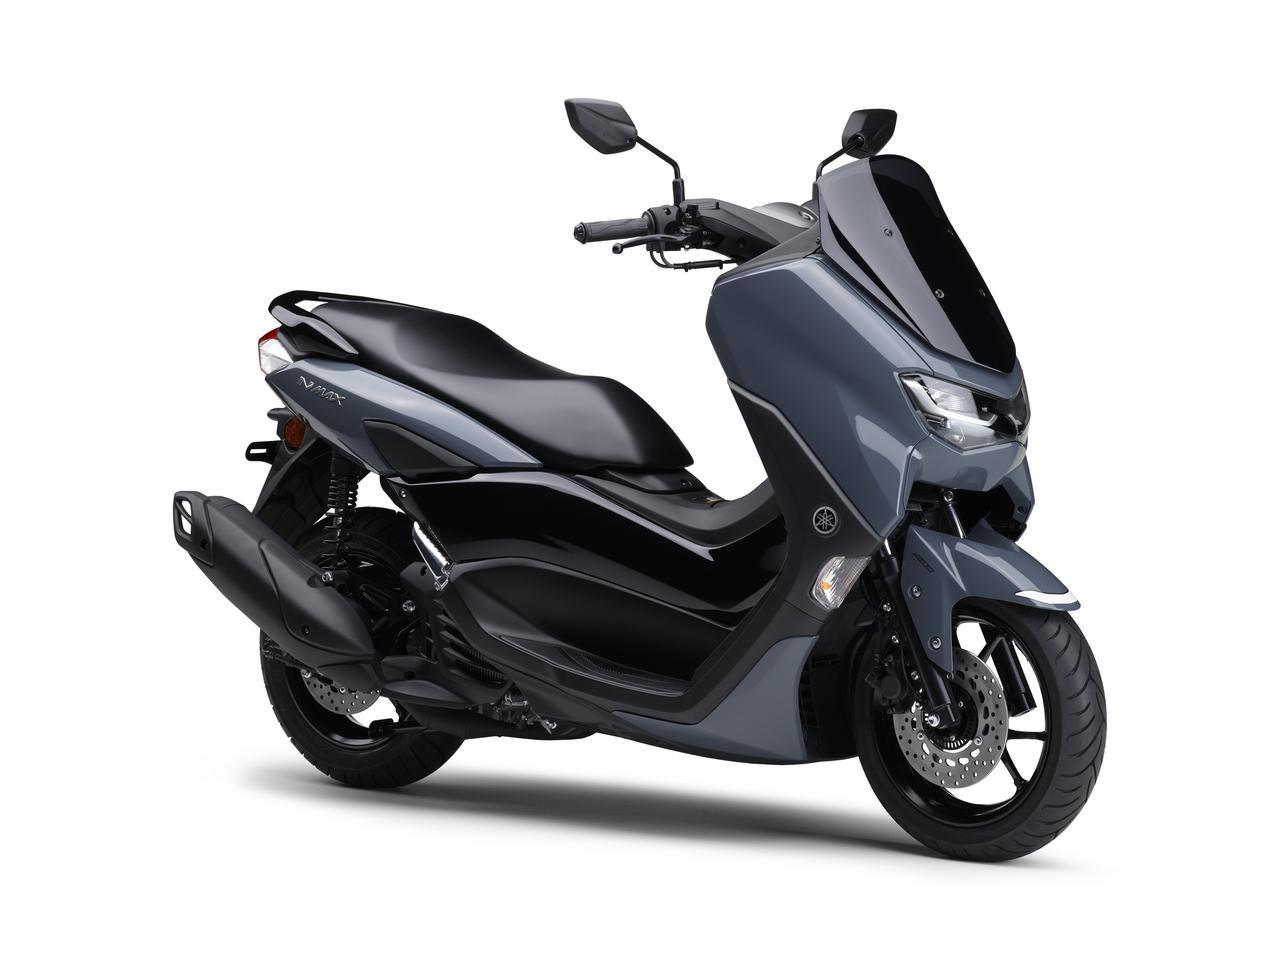 画像5: ヤマハが新型「NMAX ABS」を発売! エンジン改良&新フレームの採用とともにトラコンやスマホ連携機能も新搭載